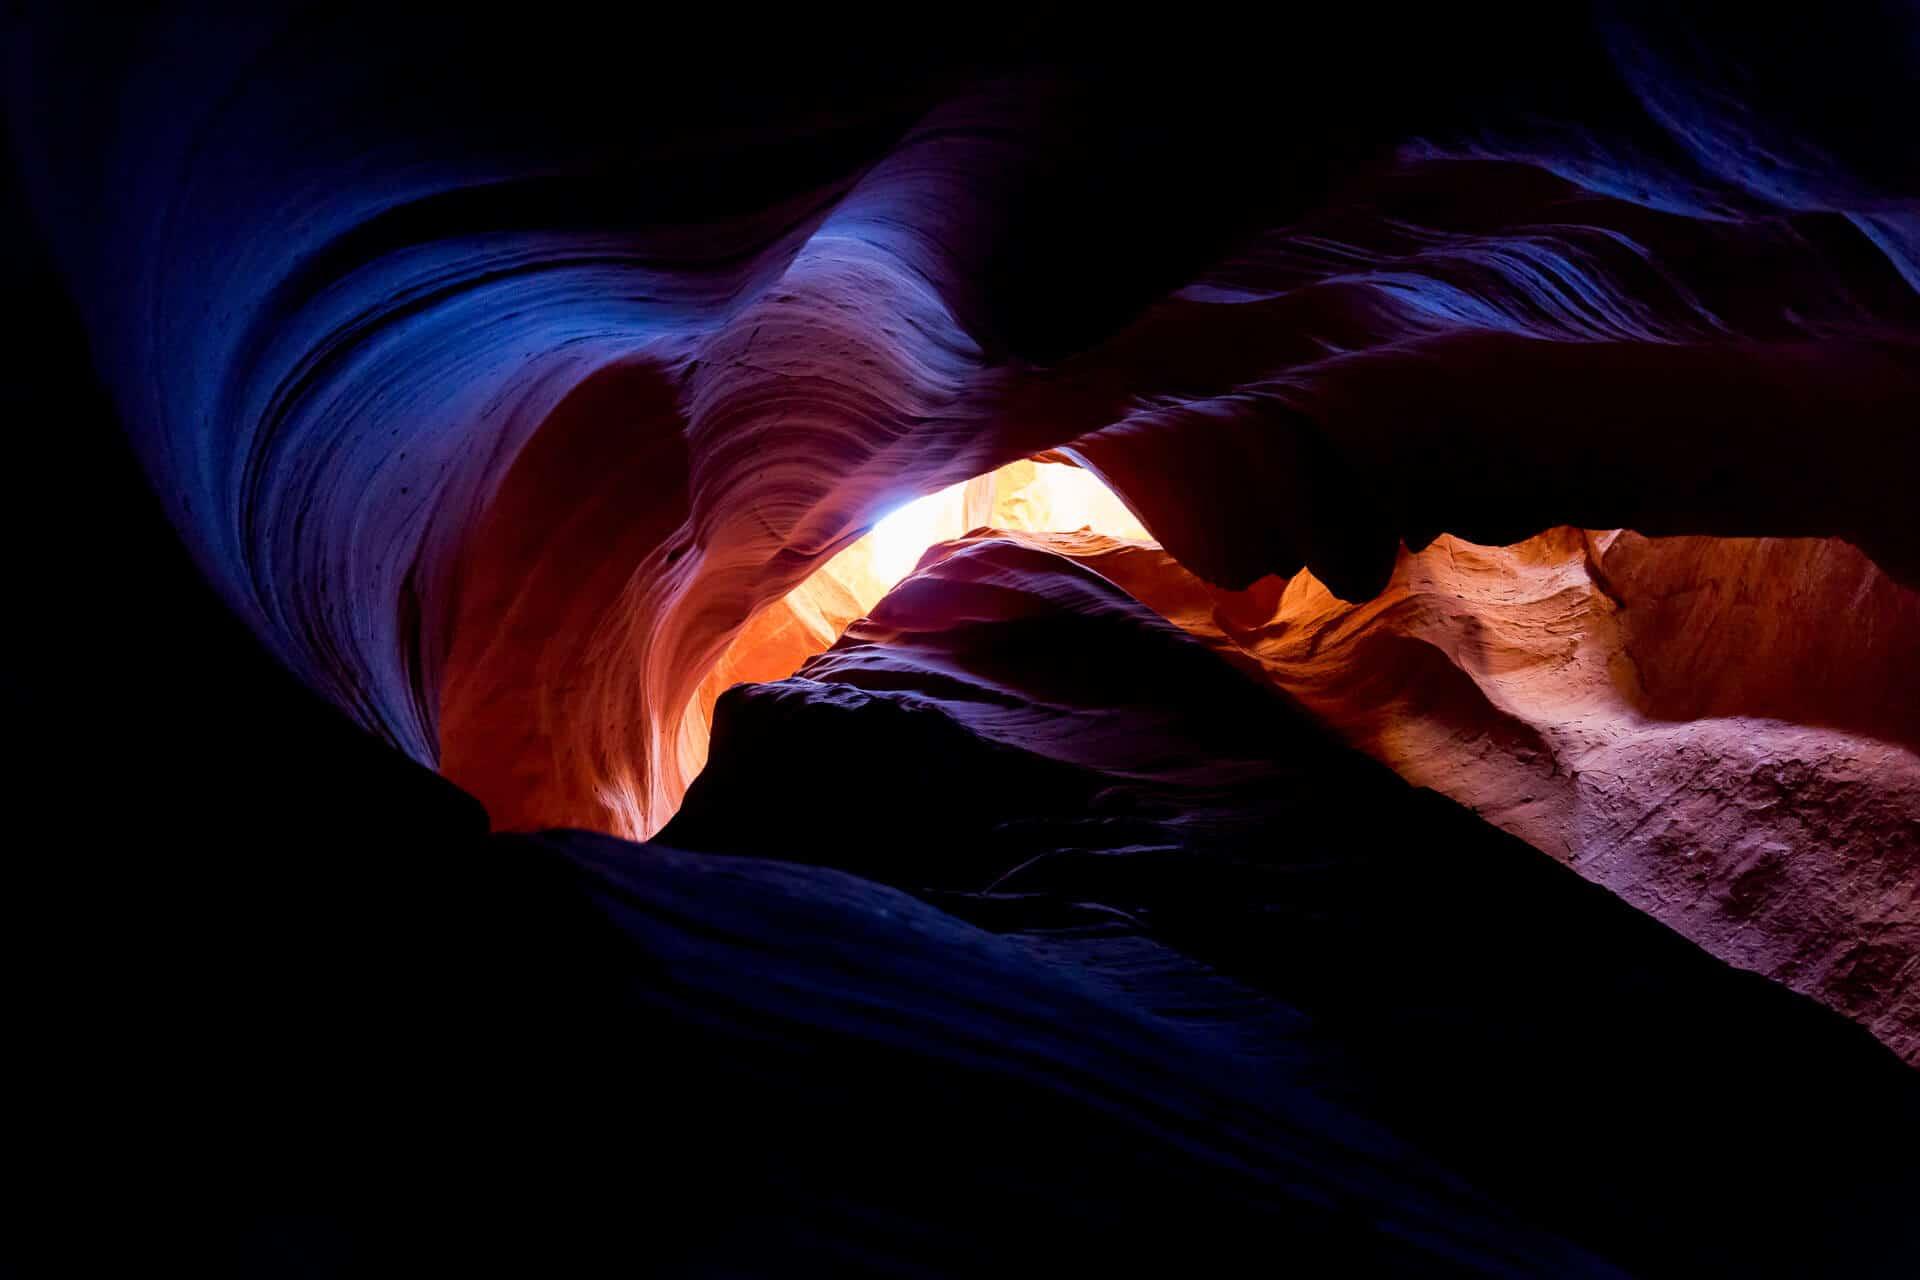 Canyon X in Arizona – wir lieben das Spiel mit Formen, Licht und Farben – ein Paradies für Fotografen!